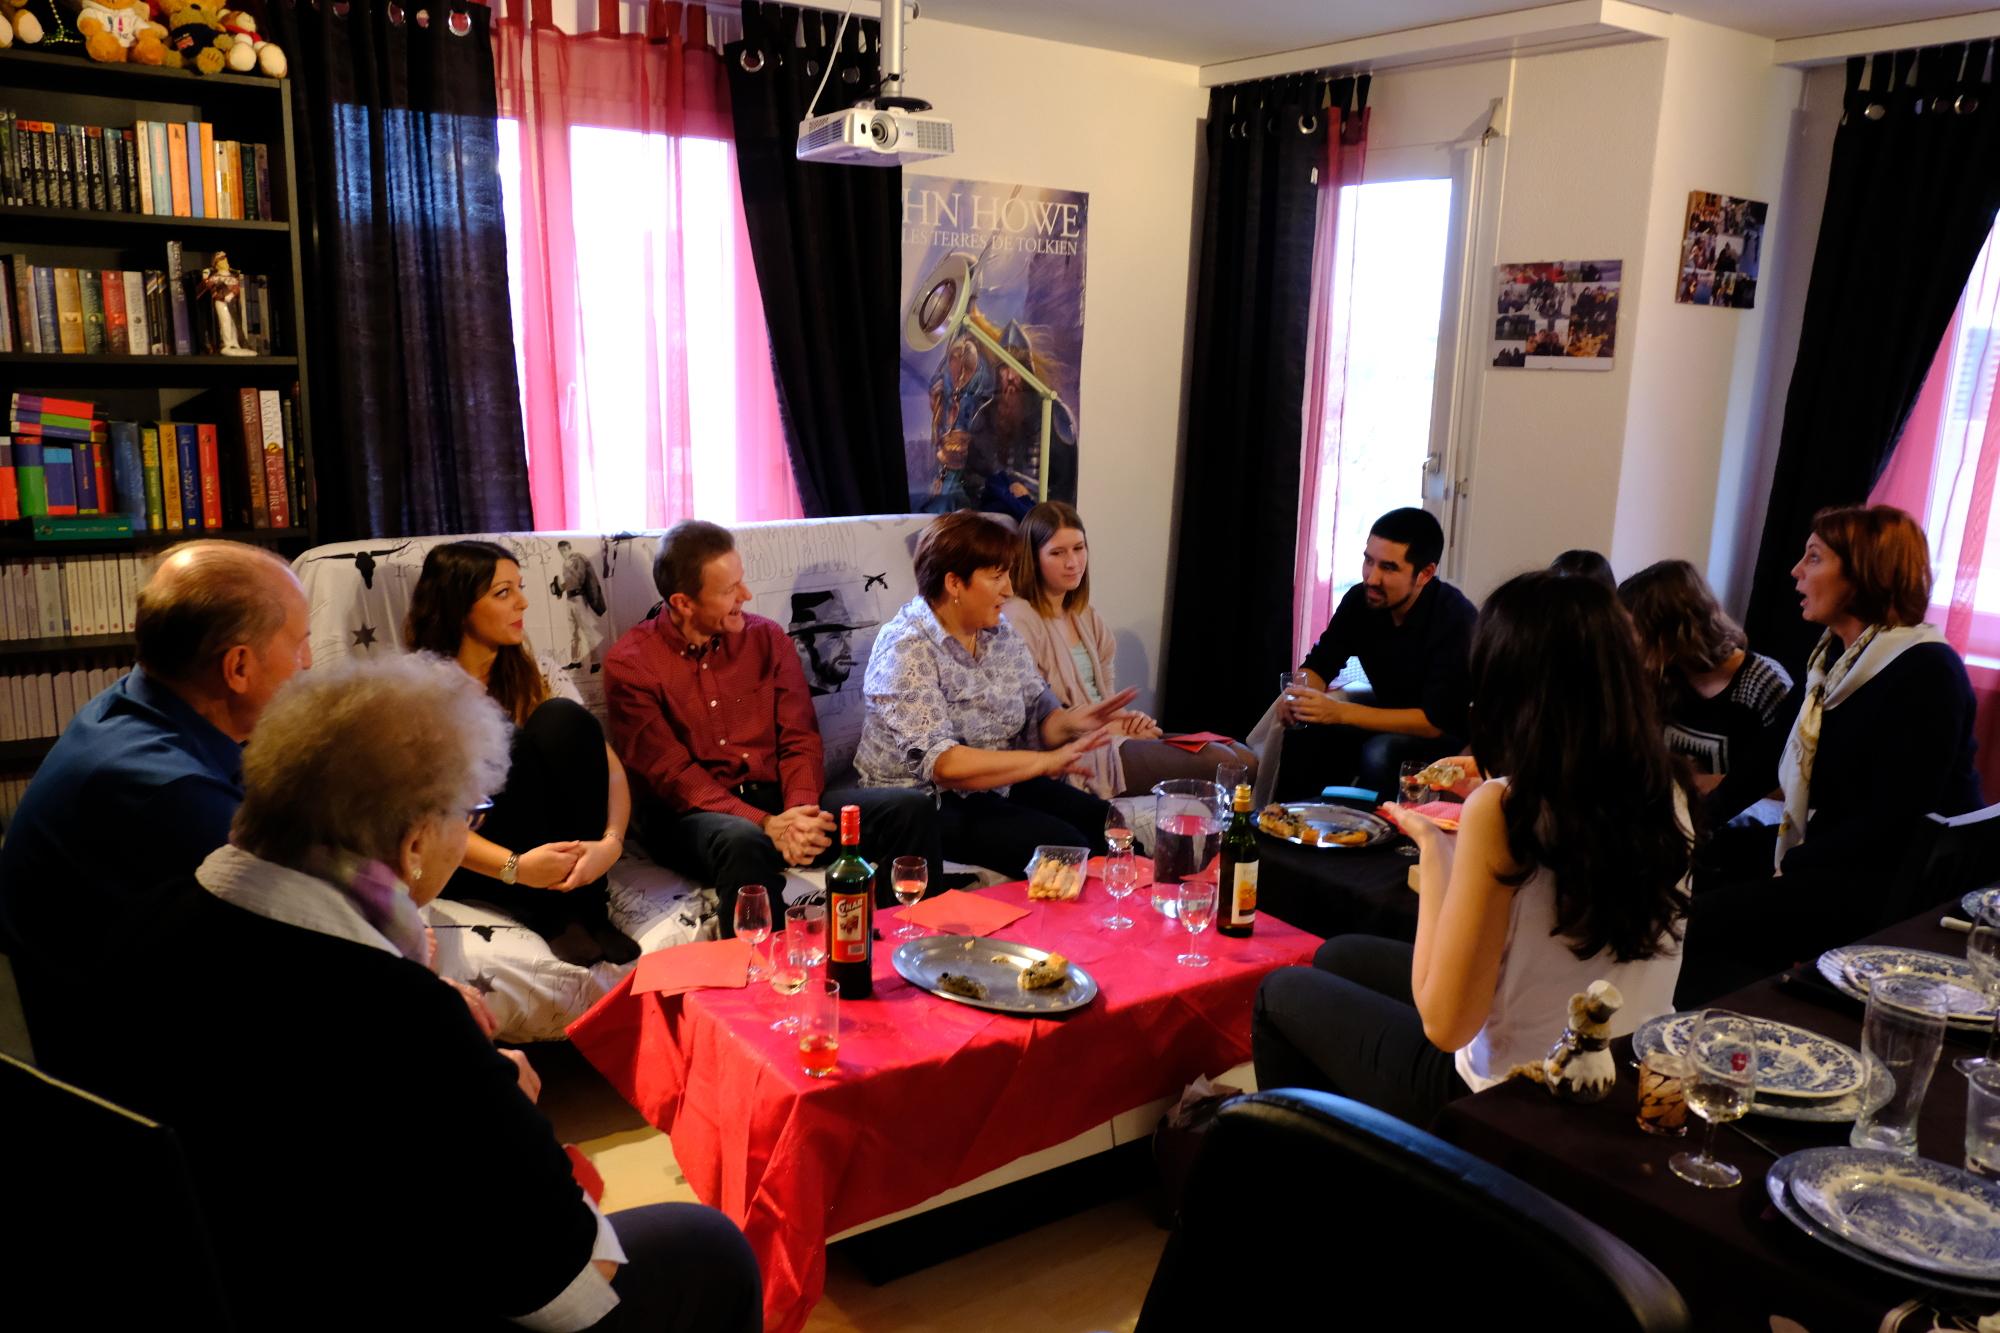 M-10 & M-9 (novembre & décembre), notre repas de fiançailles suivi de bouleversements familiaux